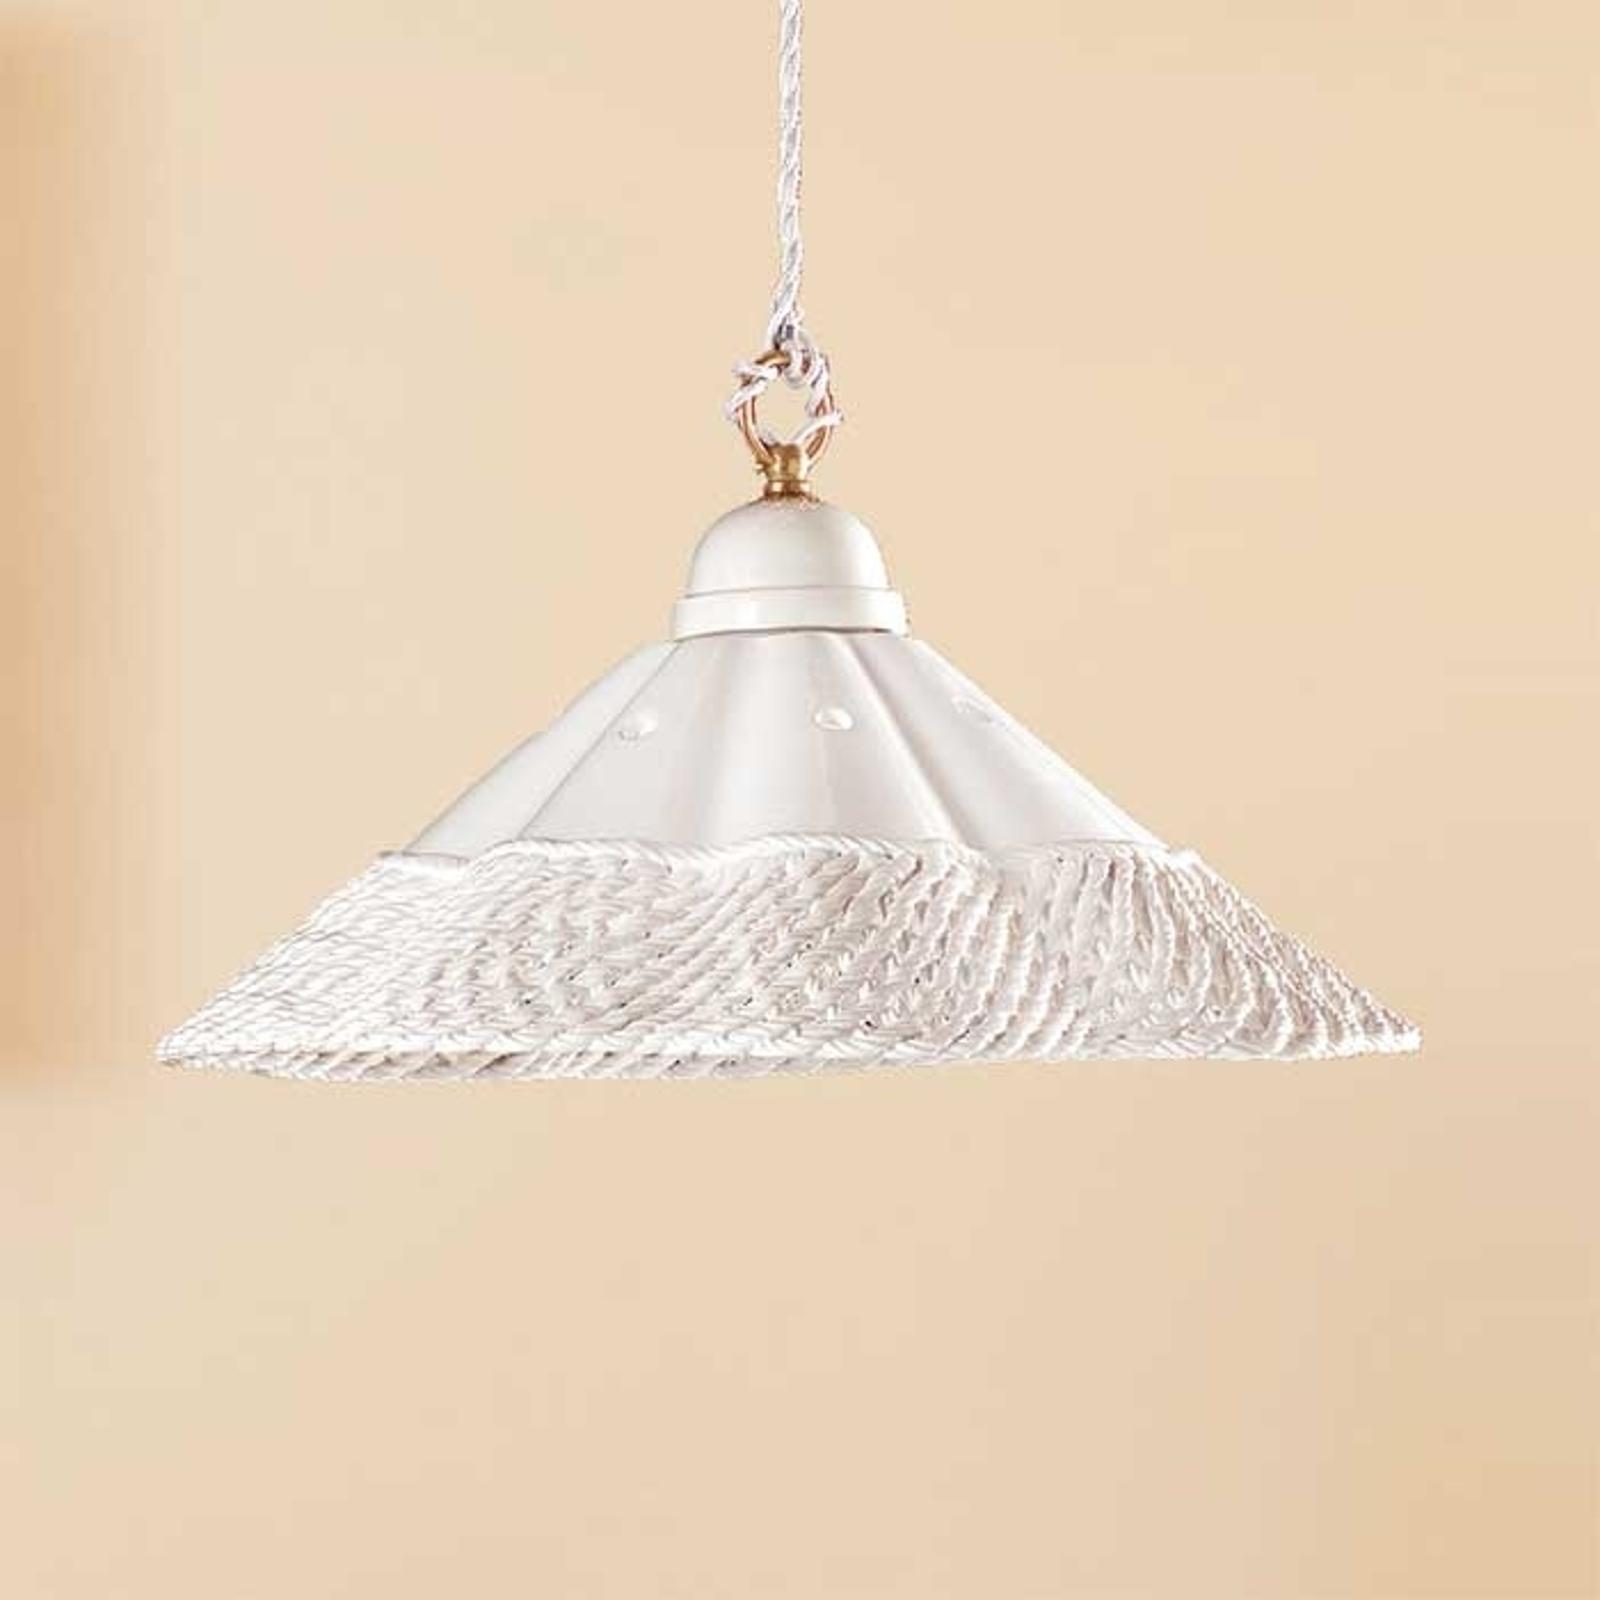 Hanglamp GONNELLA, met dec. rand aan de onderkant